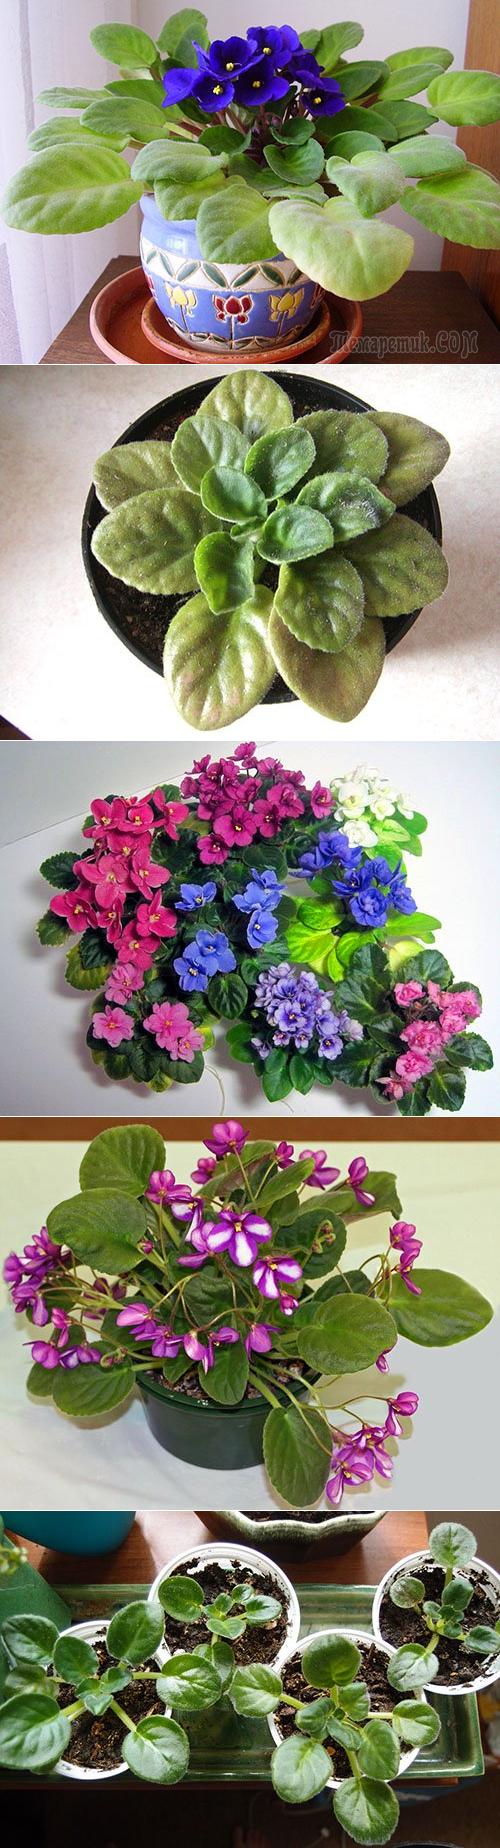 Узнайте, как выращивать фиалку в домашних условиях